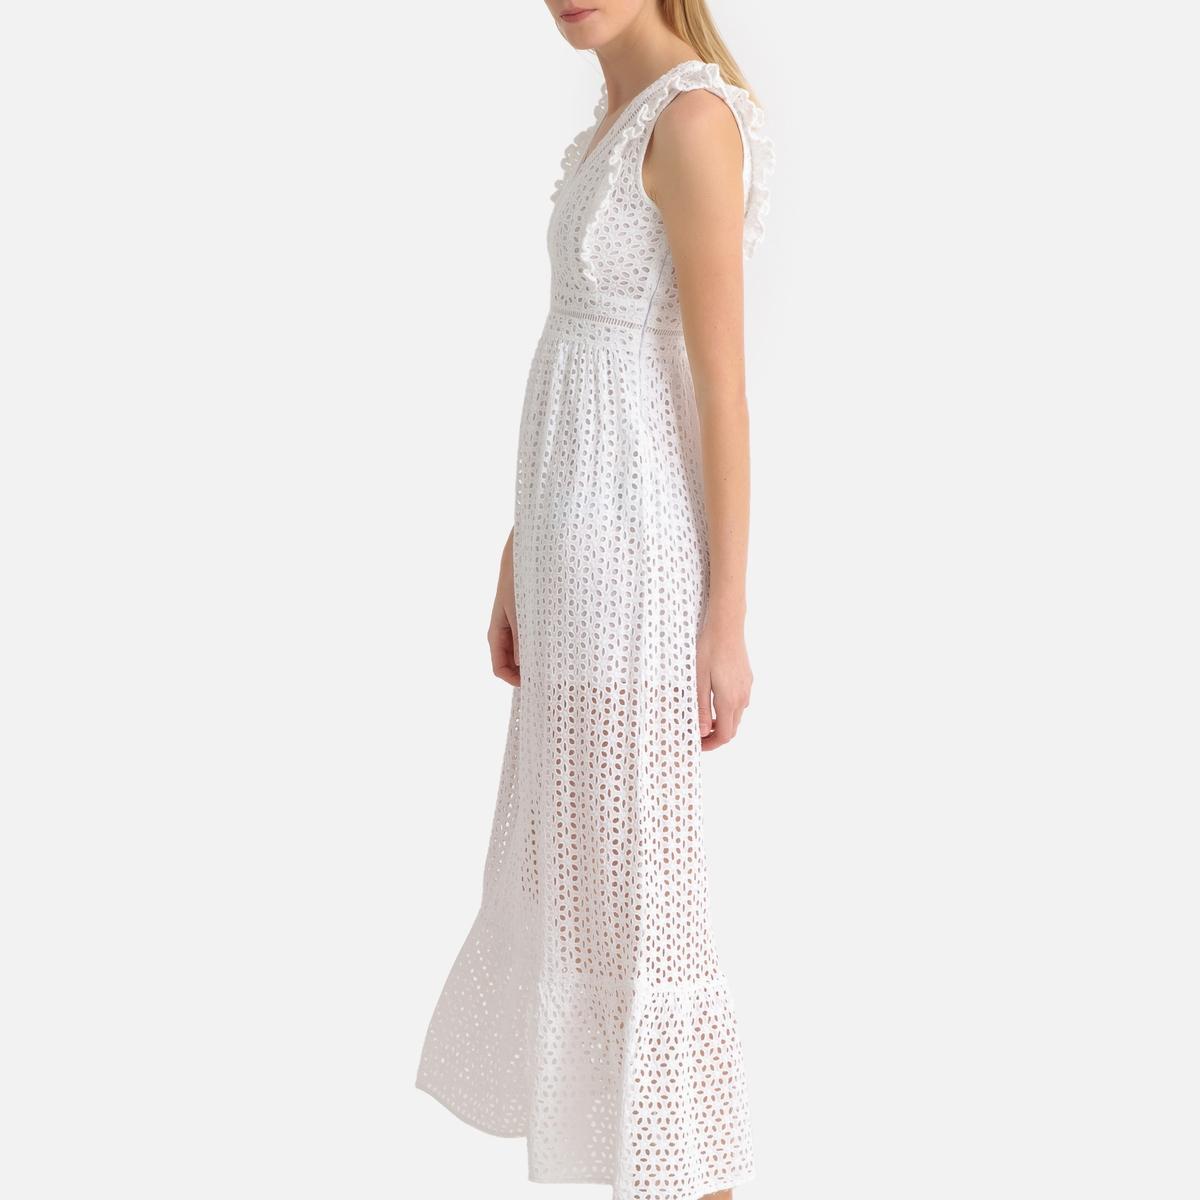 Платье La Redoute Длинное с вышивкой и V-образным вырезом без рукавов L белый свитшот la redoute с круглым вырезом и вышивкой s черный